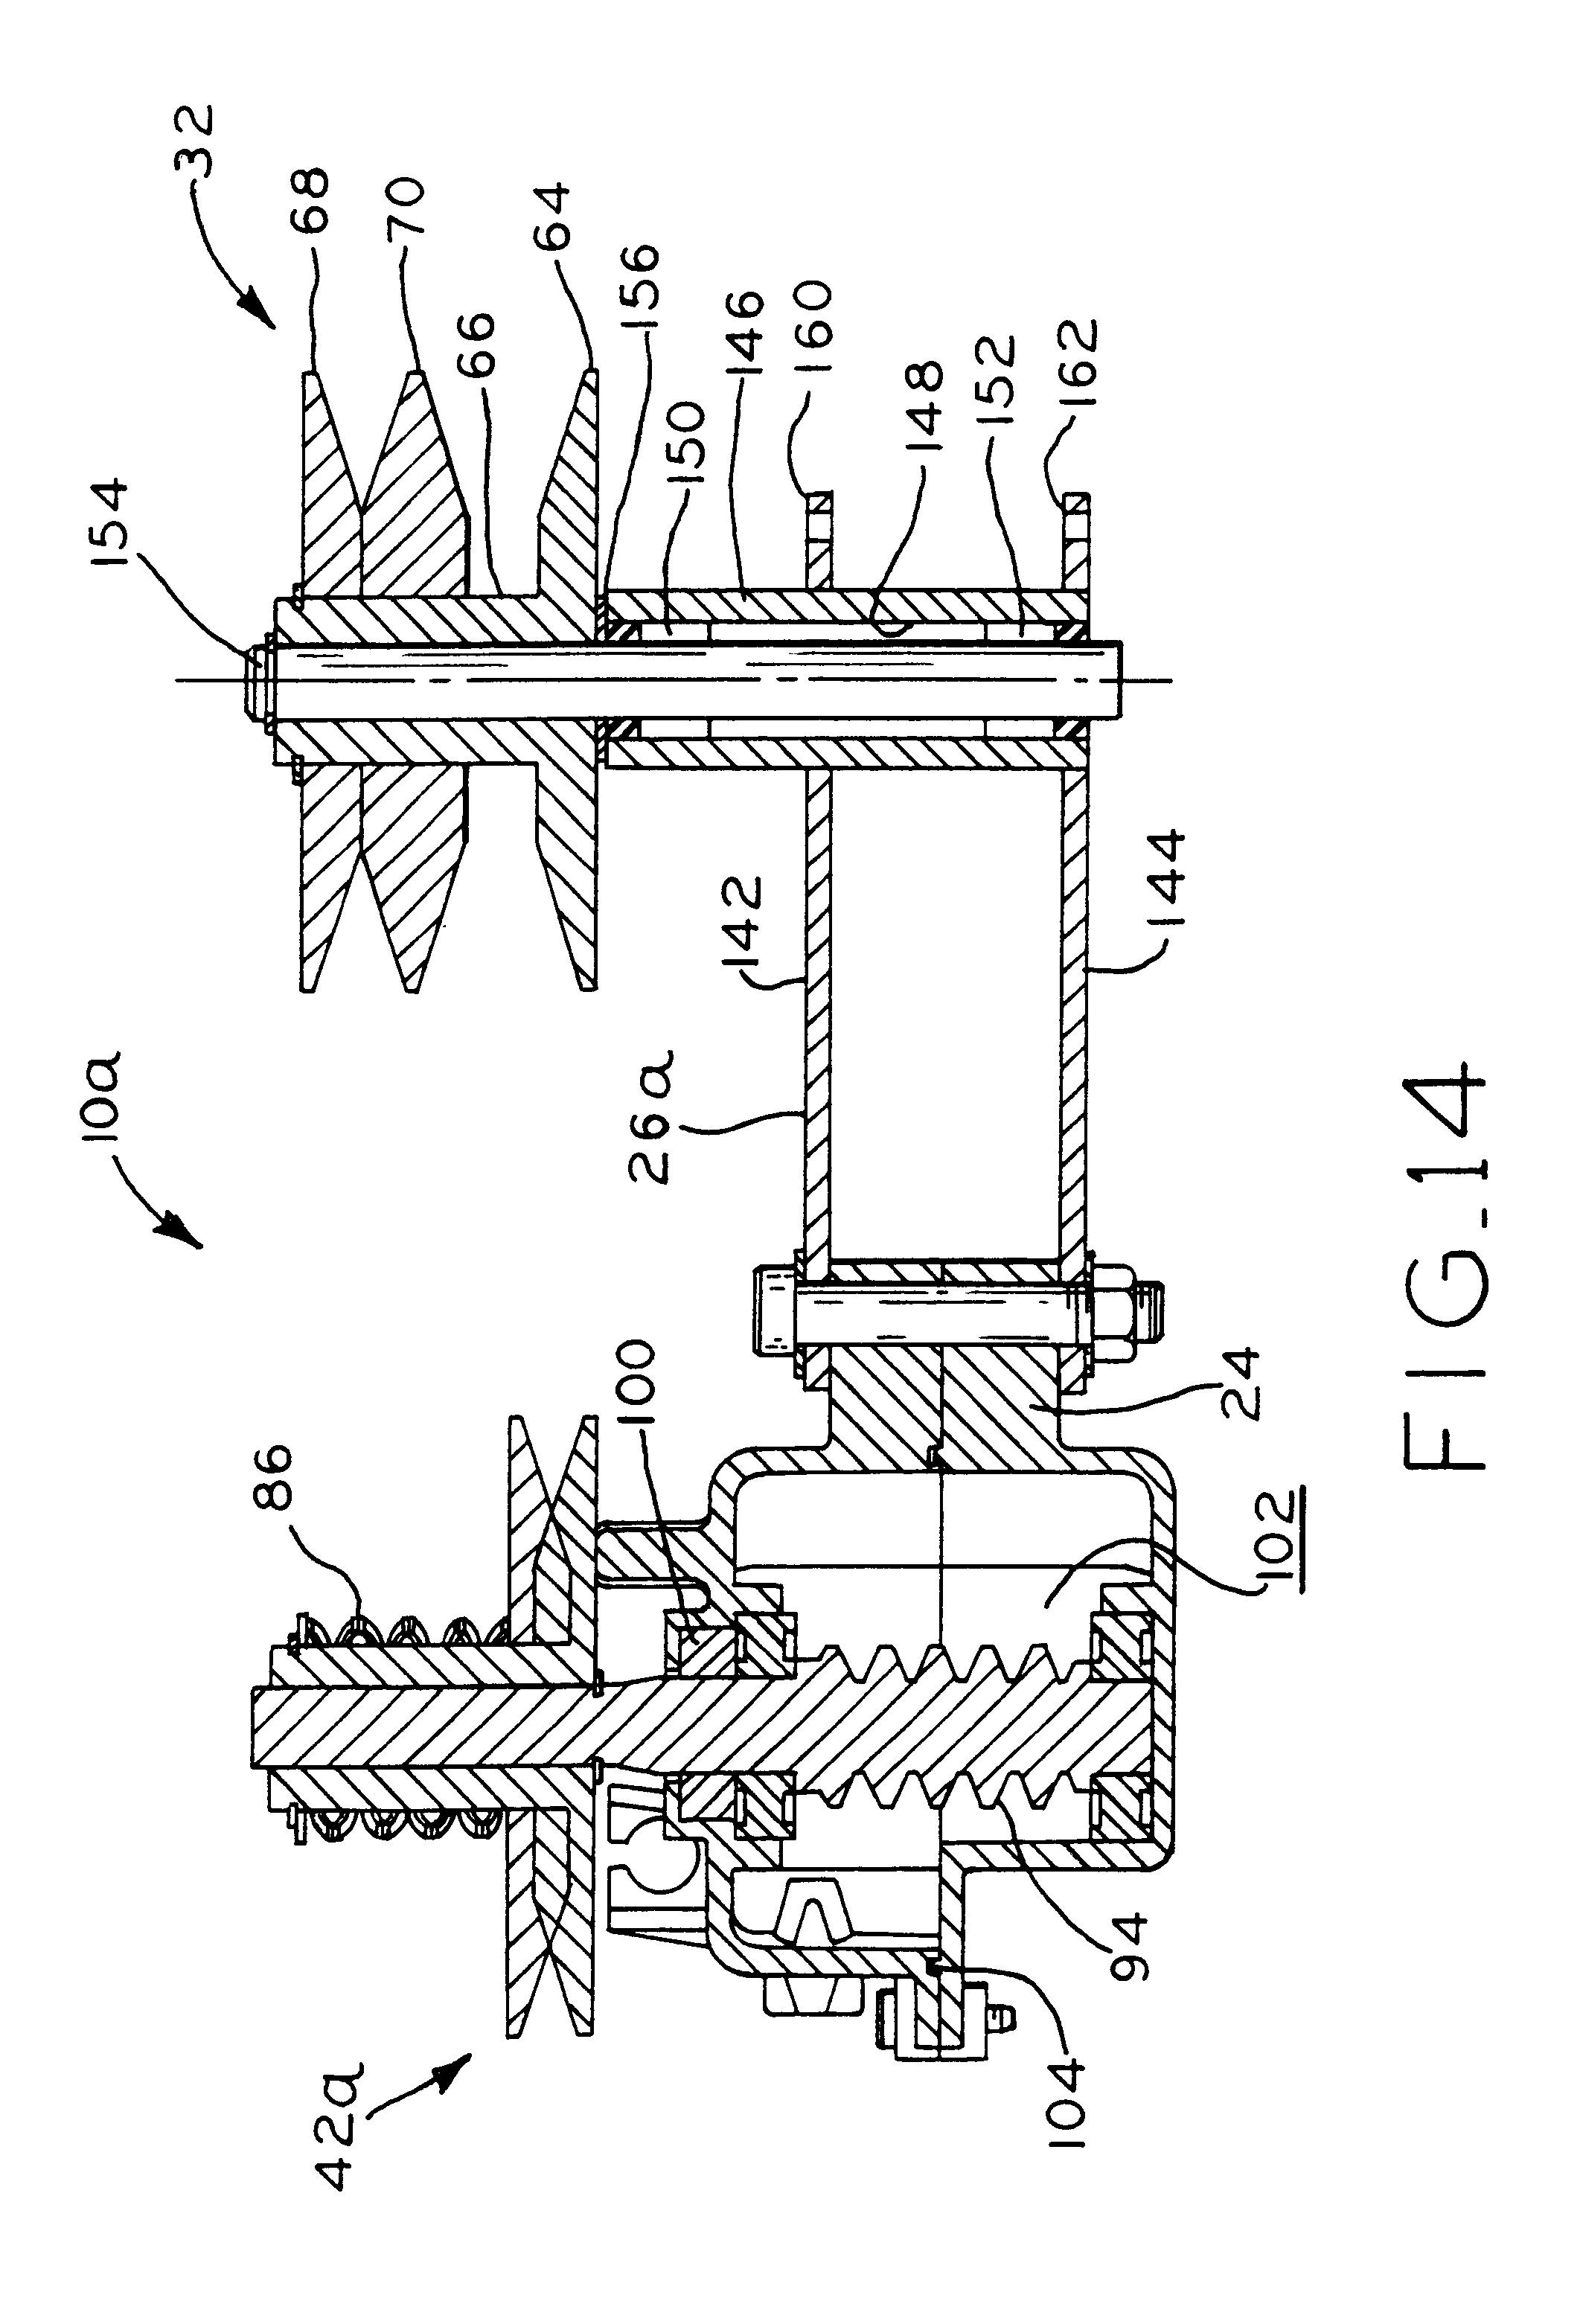 variable belt drive transmission